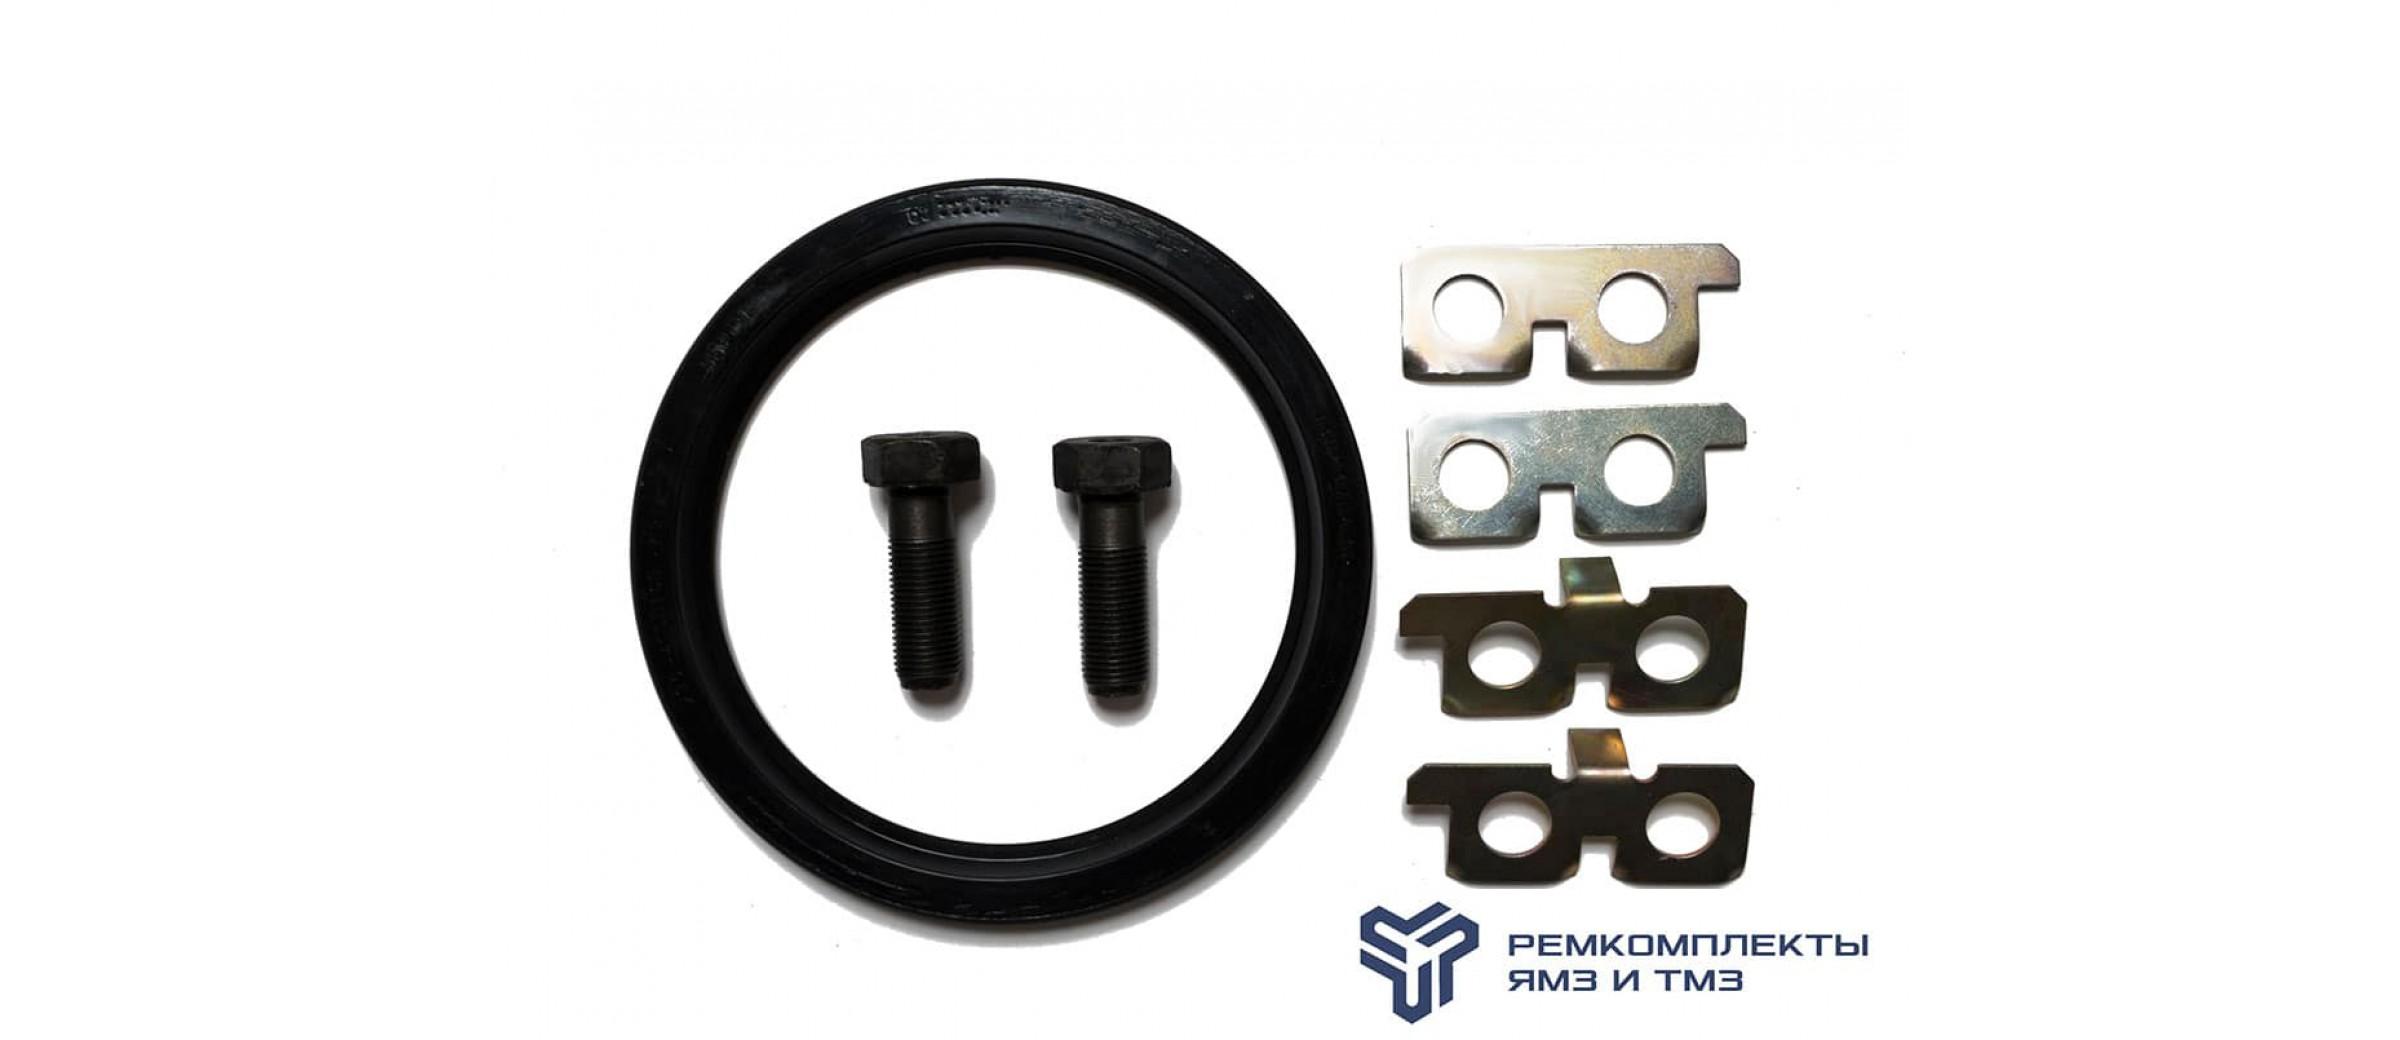 Ремкомплект для замены задней манжеты двигателей ЯМЗ-236,238